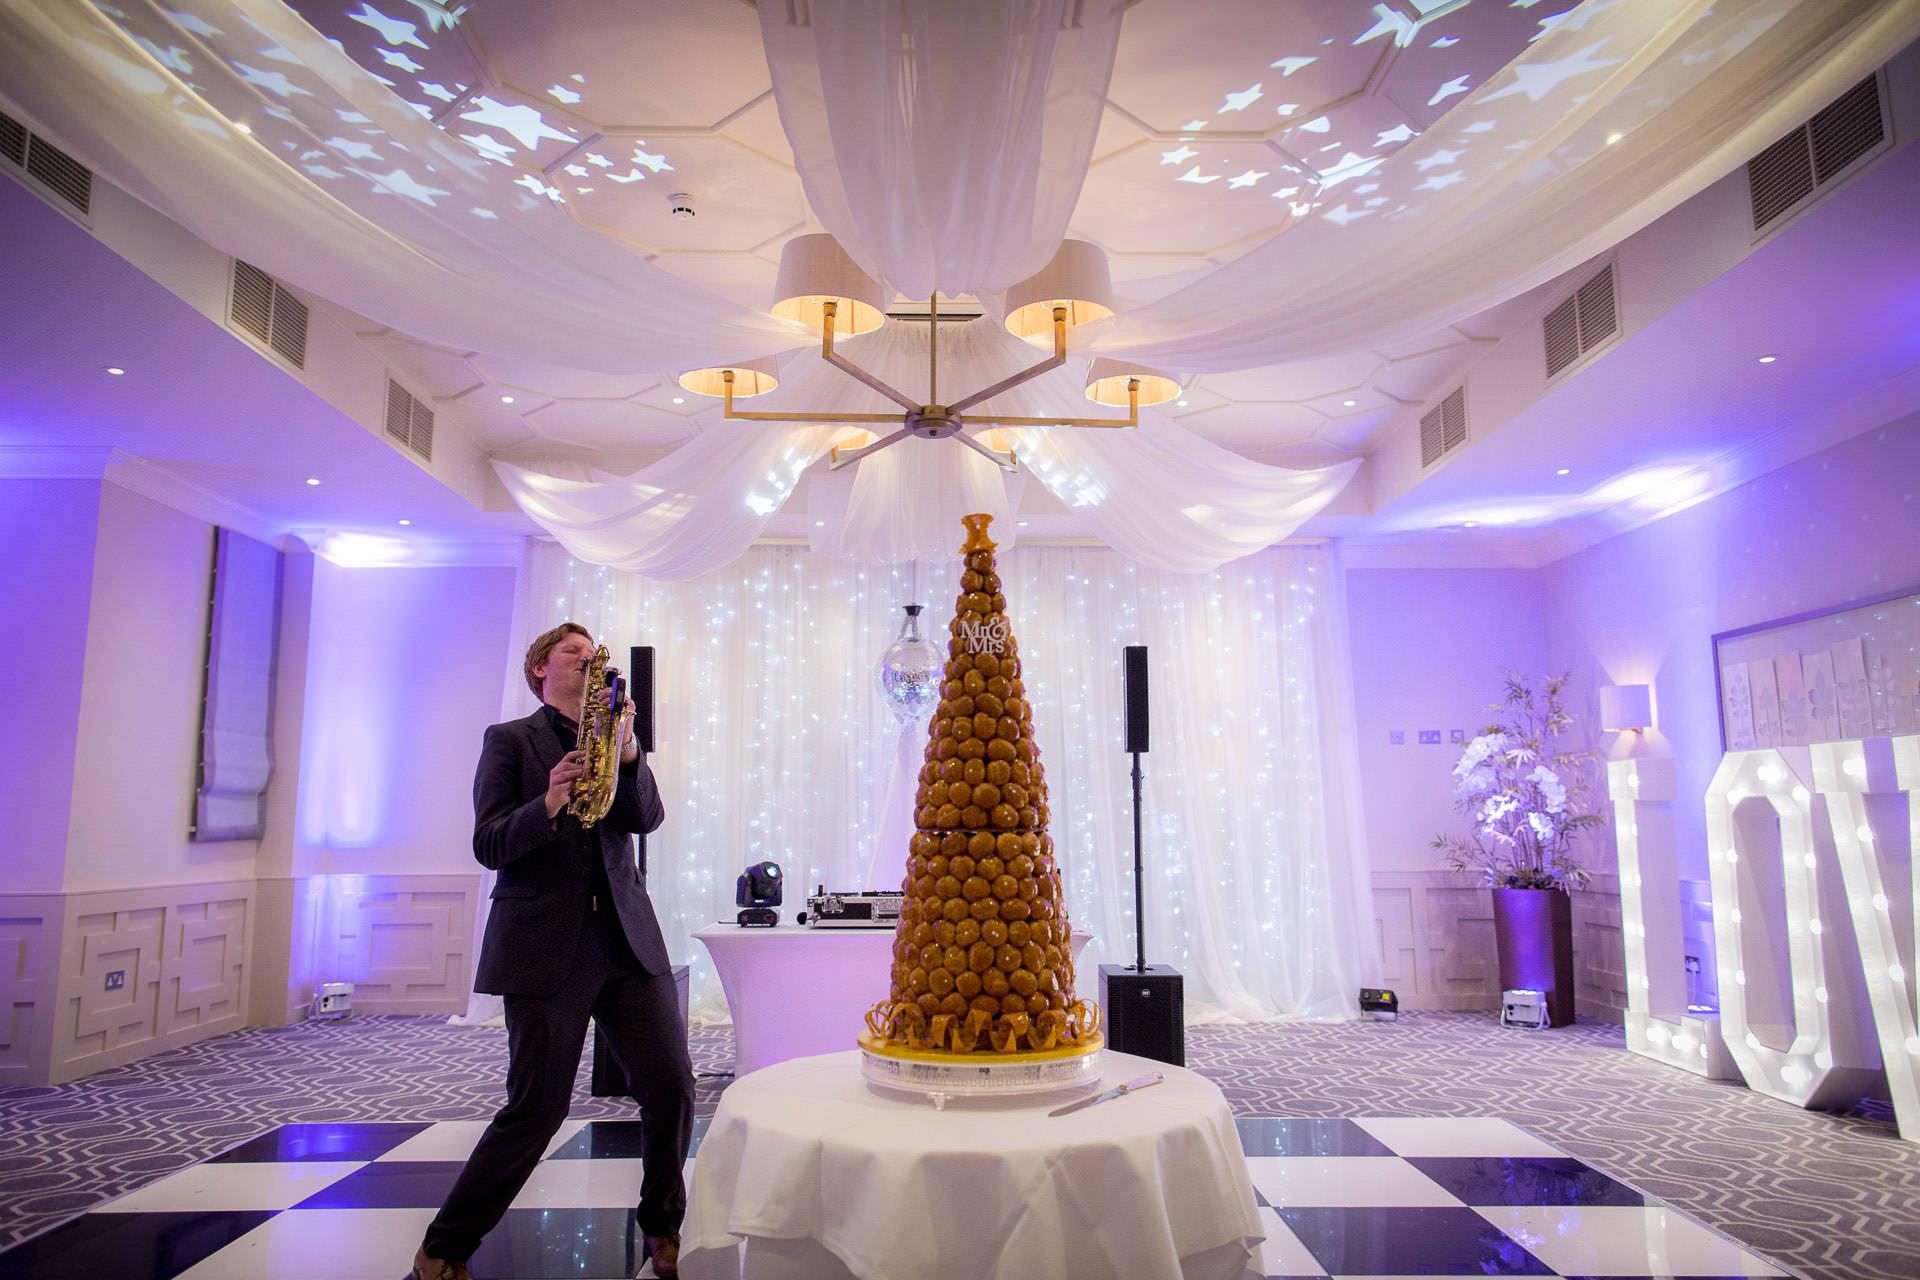 Wotton House wedding saxophonist next to the wedding cake